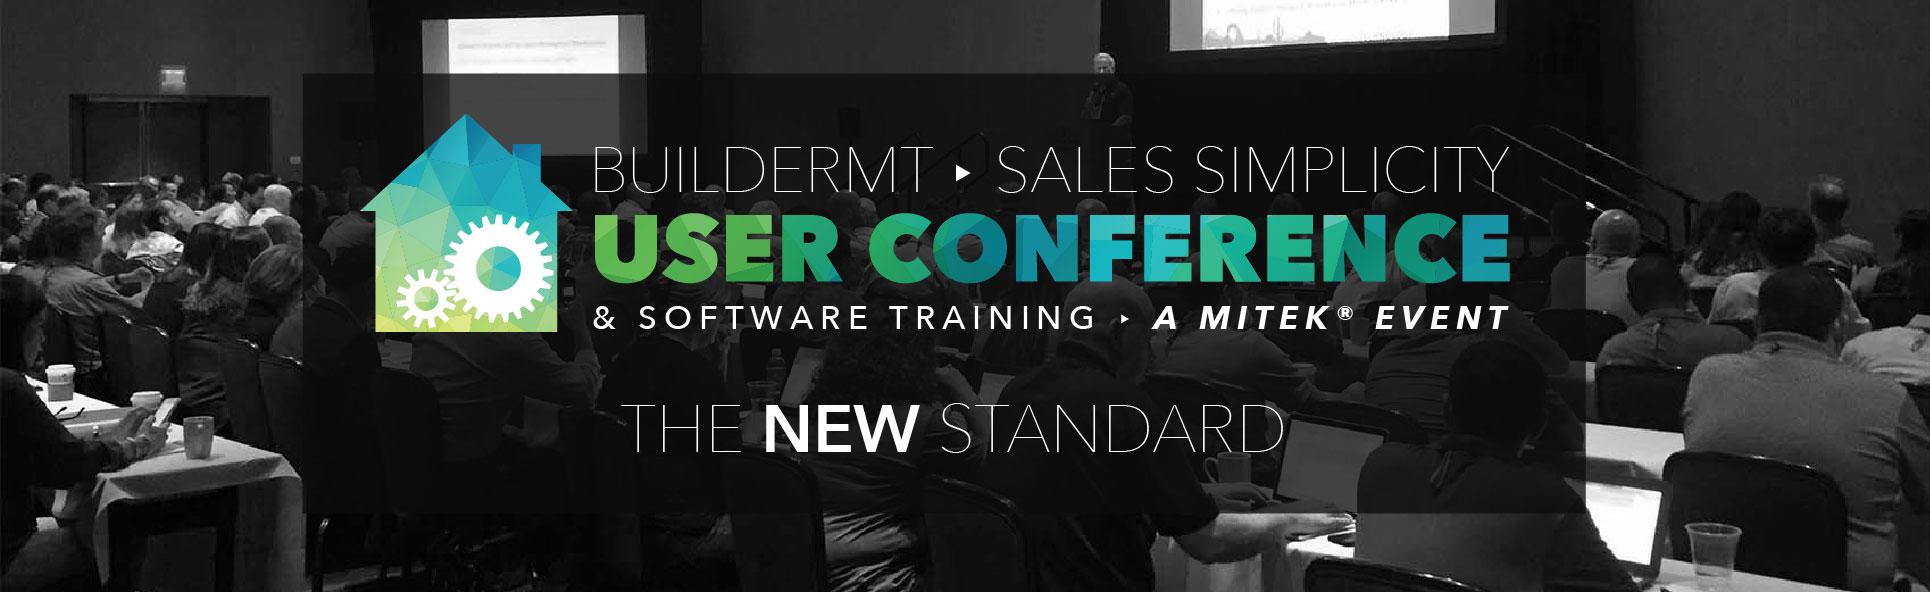 BuilderMT / Sales Simplicity Client Conference 2018